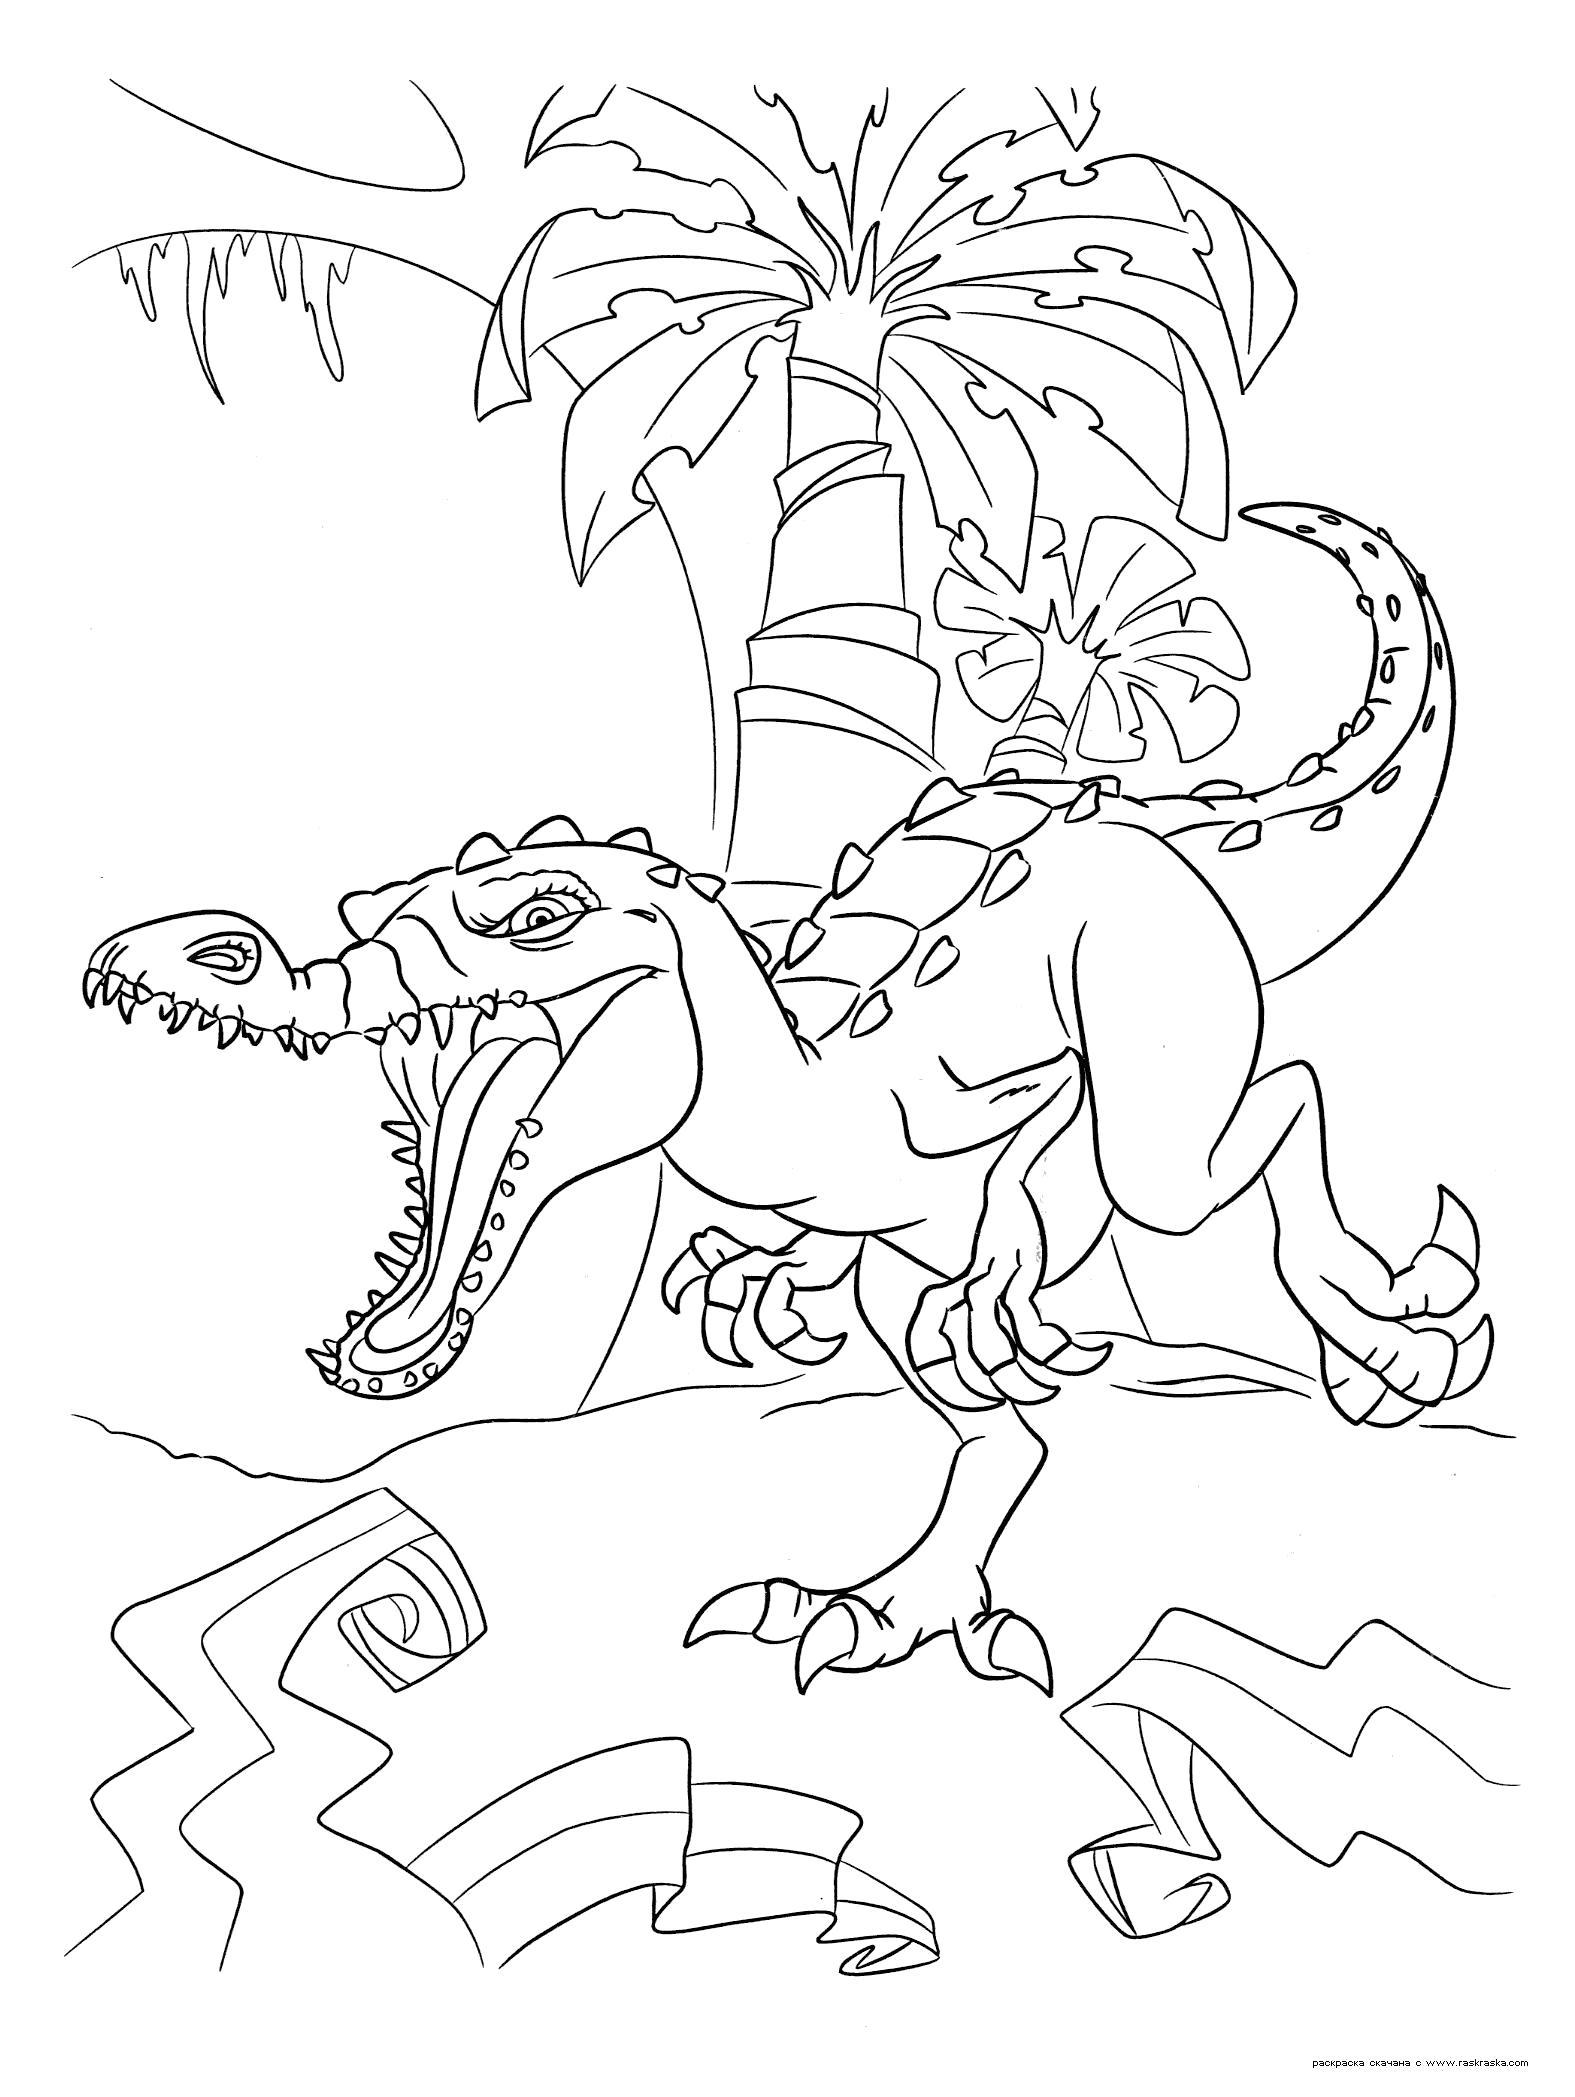 Раскраска  Руди.  Гигантский динозавр Руди, белый барионикс, гроза и ужас джунглей . Скачать динозавр.  Распечатать динозавр